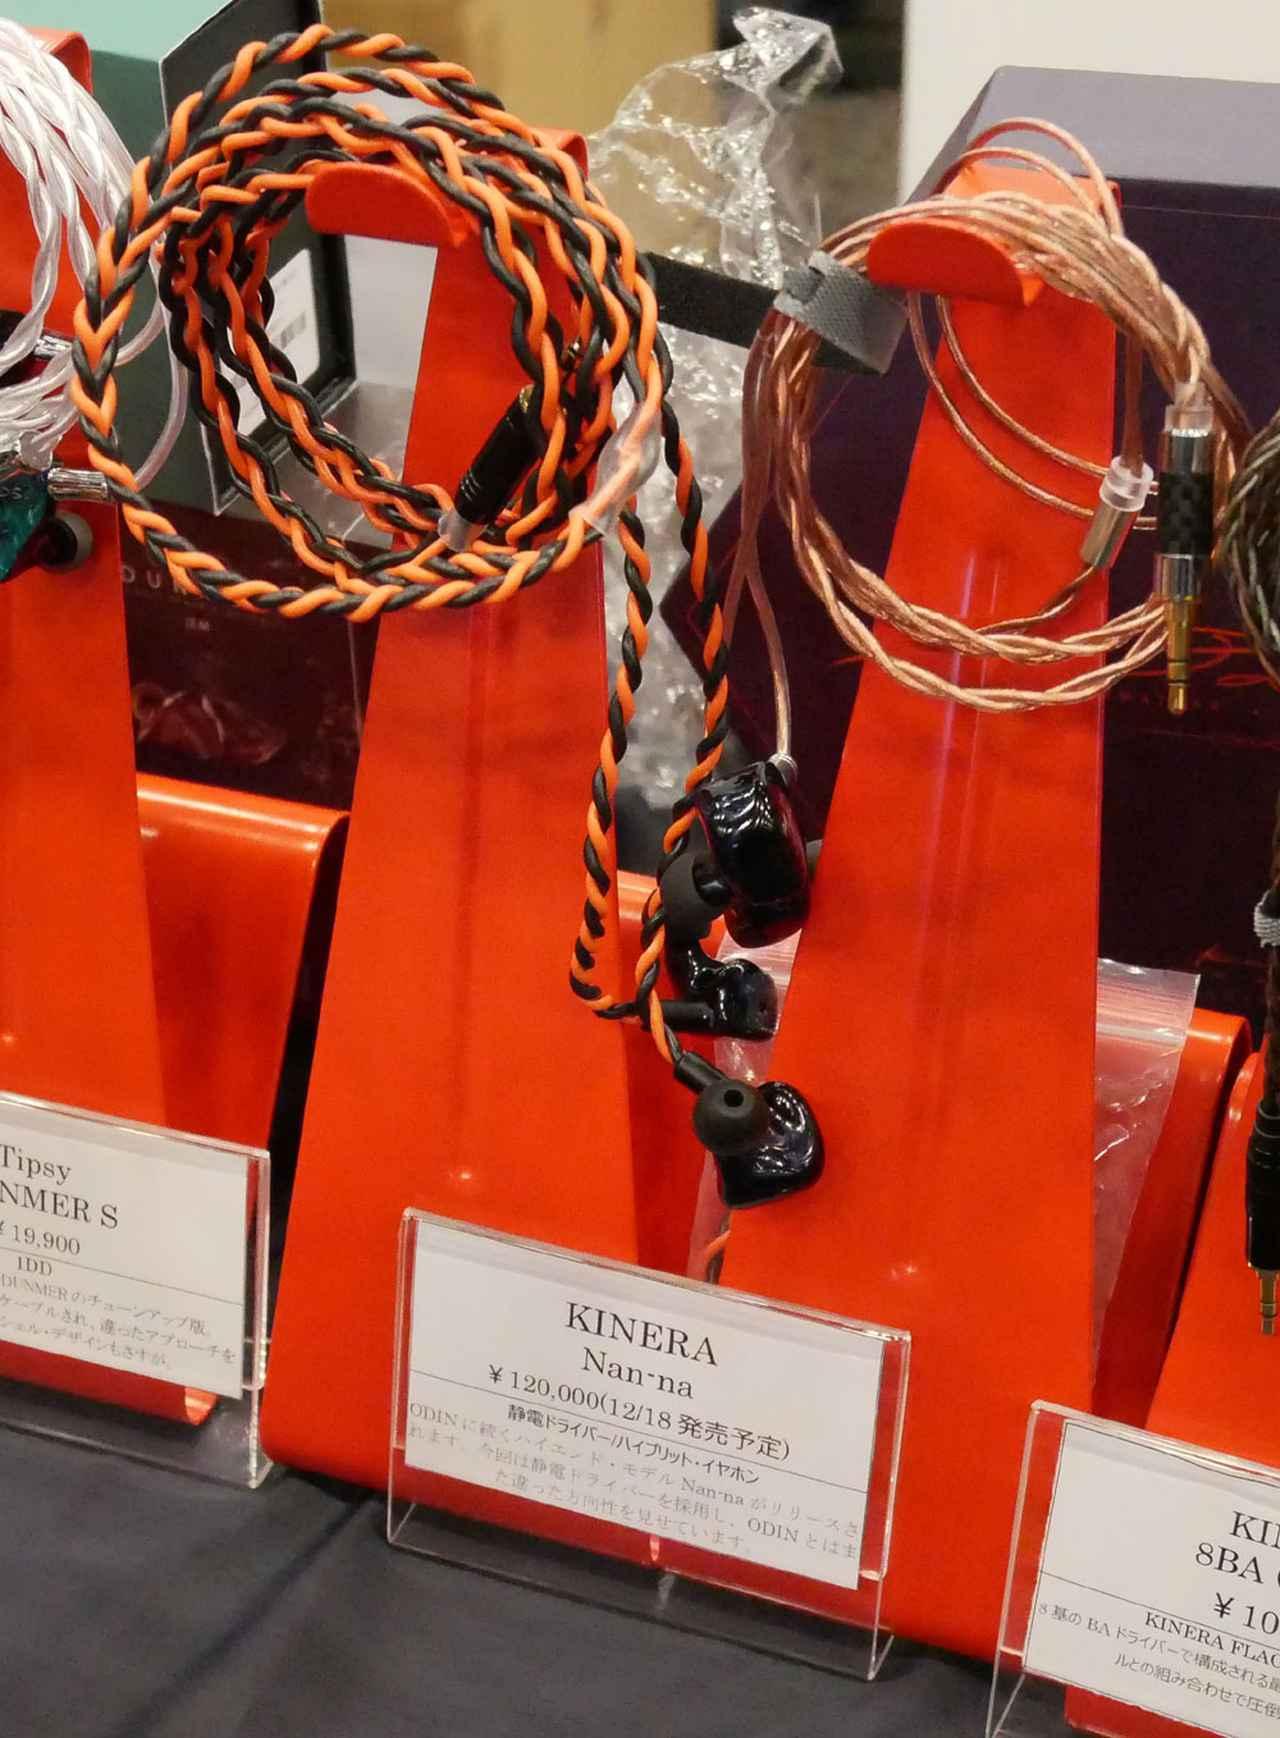 画像: ▲ミミソラオーディオブースでは、Kineraブランドの有線イヤホン「Man-na」に注目。静電ドライバーを内蔵したユニバーサルイヤホンで、来週12月18日に発売予定。価格は¥120,000。日本仕様にはイヤホンケーブルが2種類セットになるそうで、オレンジと黒を撚線にしたものが特注品。特注ケーブルは、音場感がより広く、ボーカルがより浮き出てくるような再現性だった